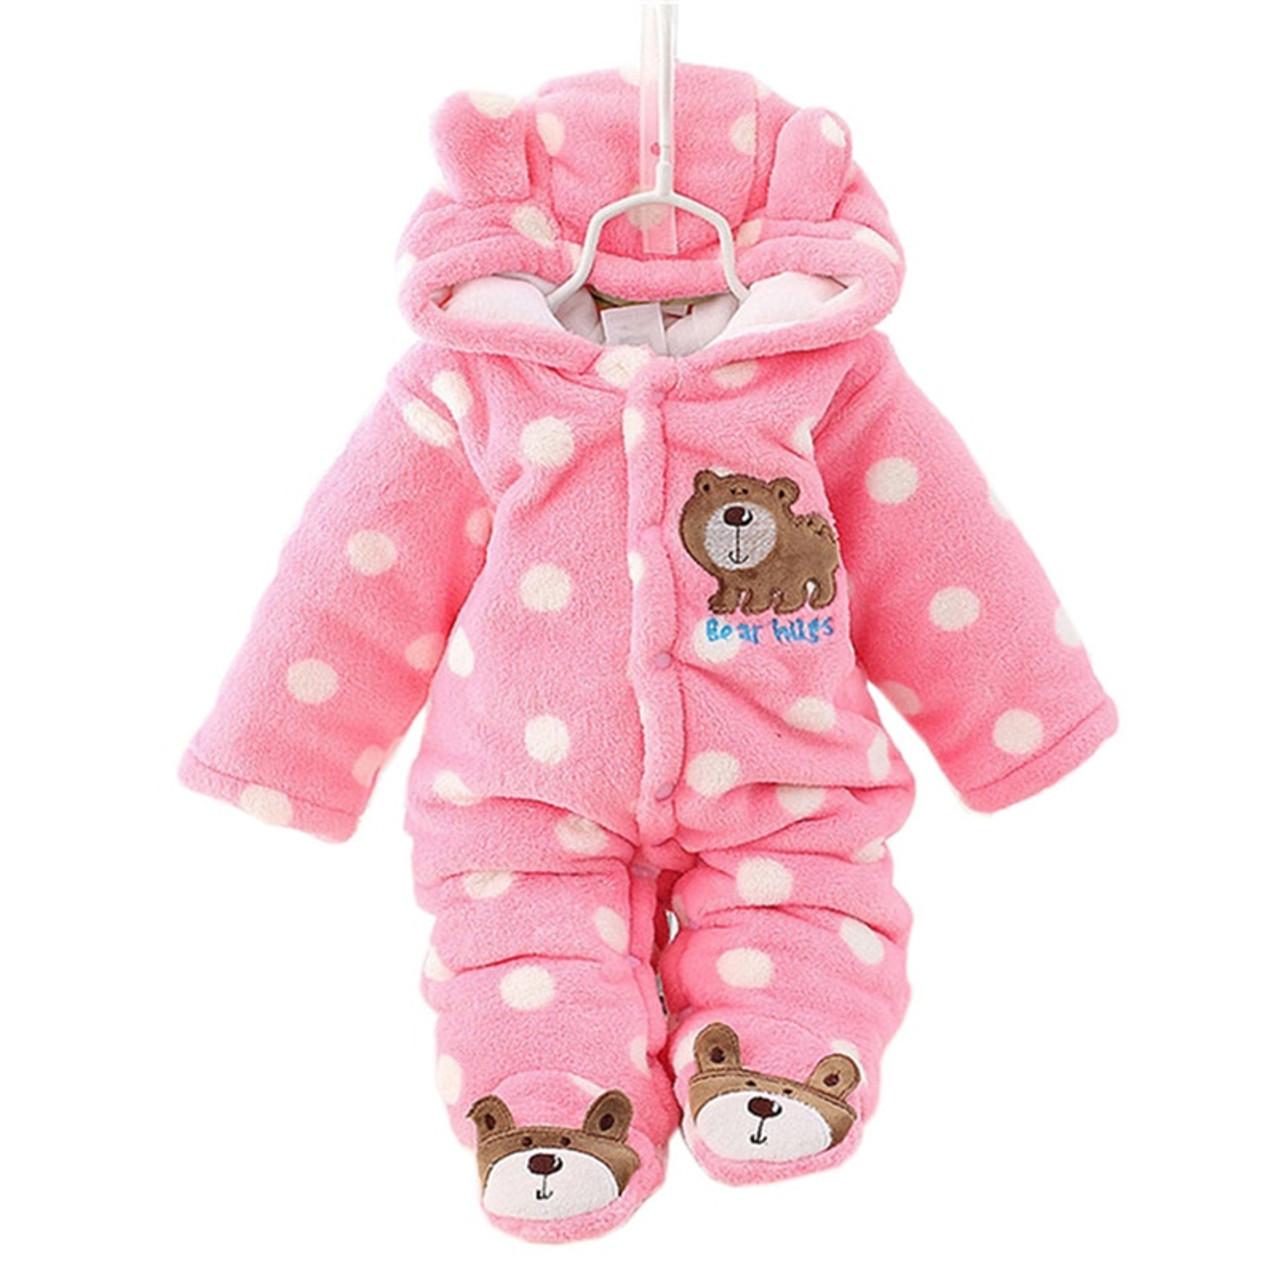 موقع Previs مجهد لعنة cute newborn baby clothes